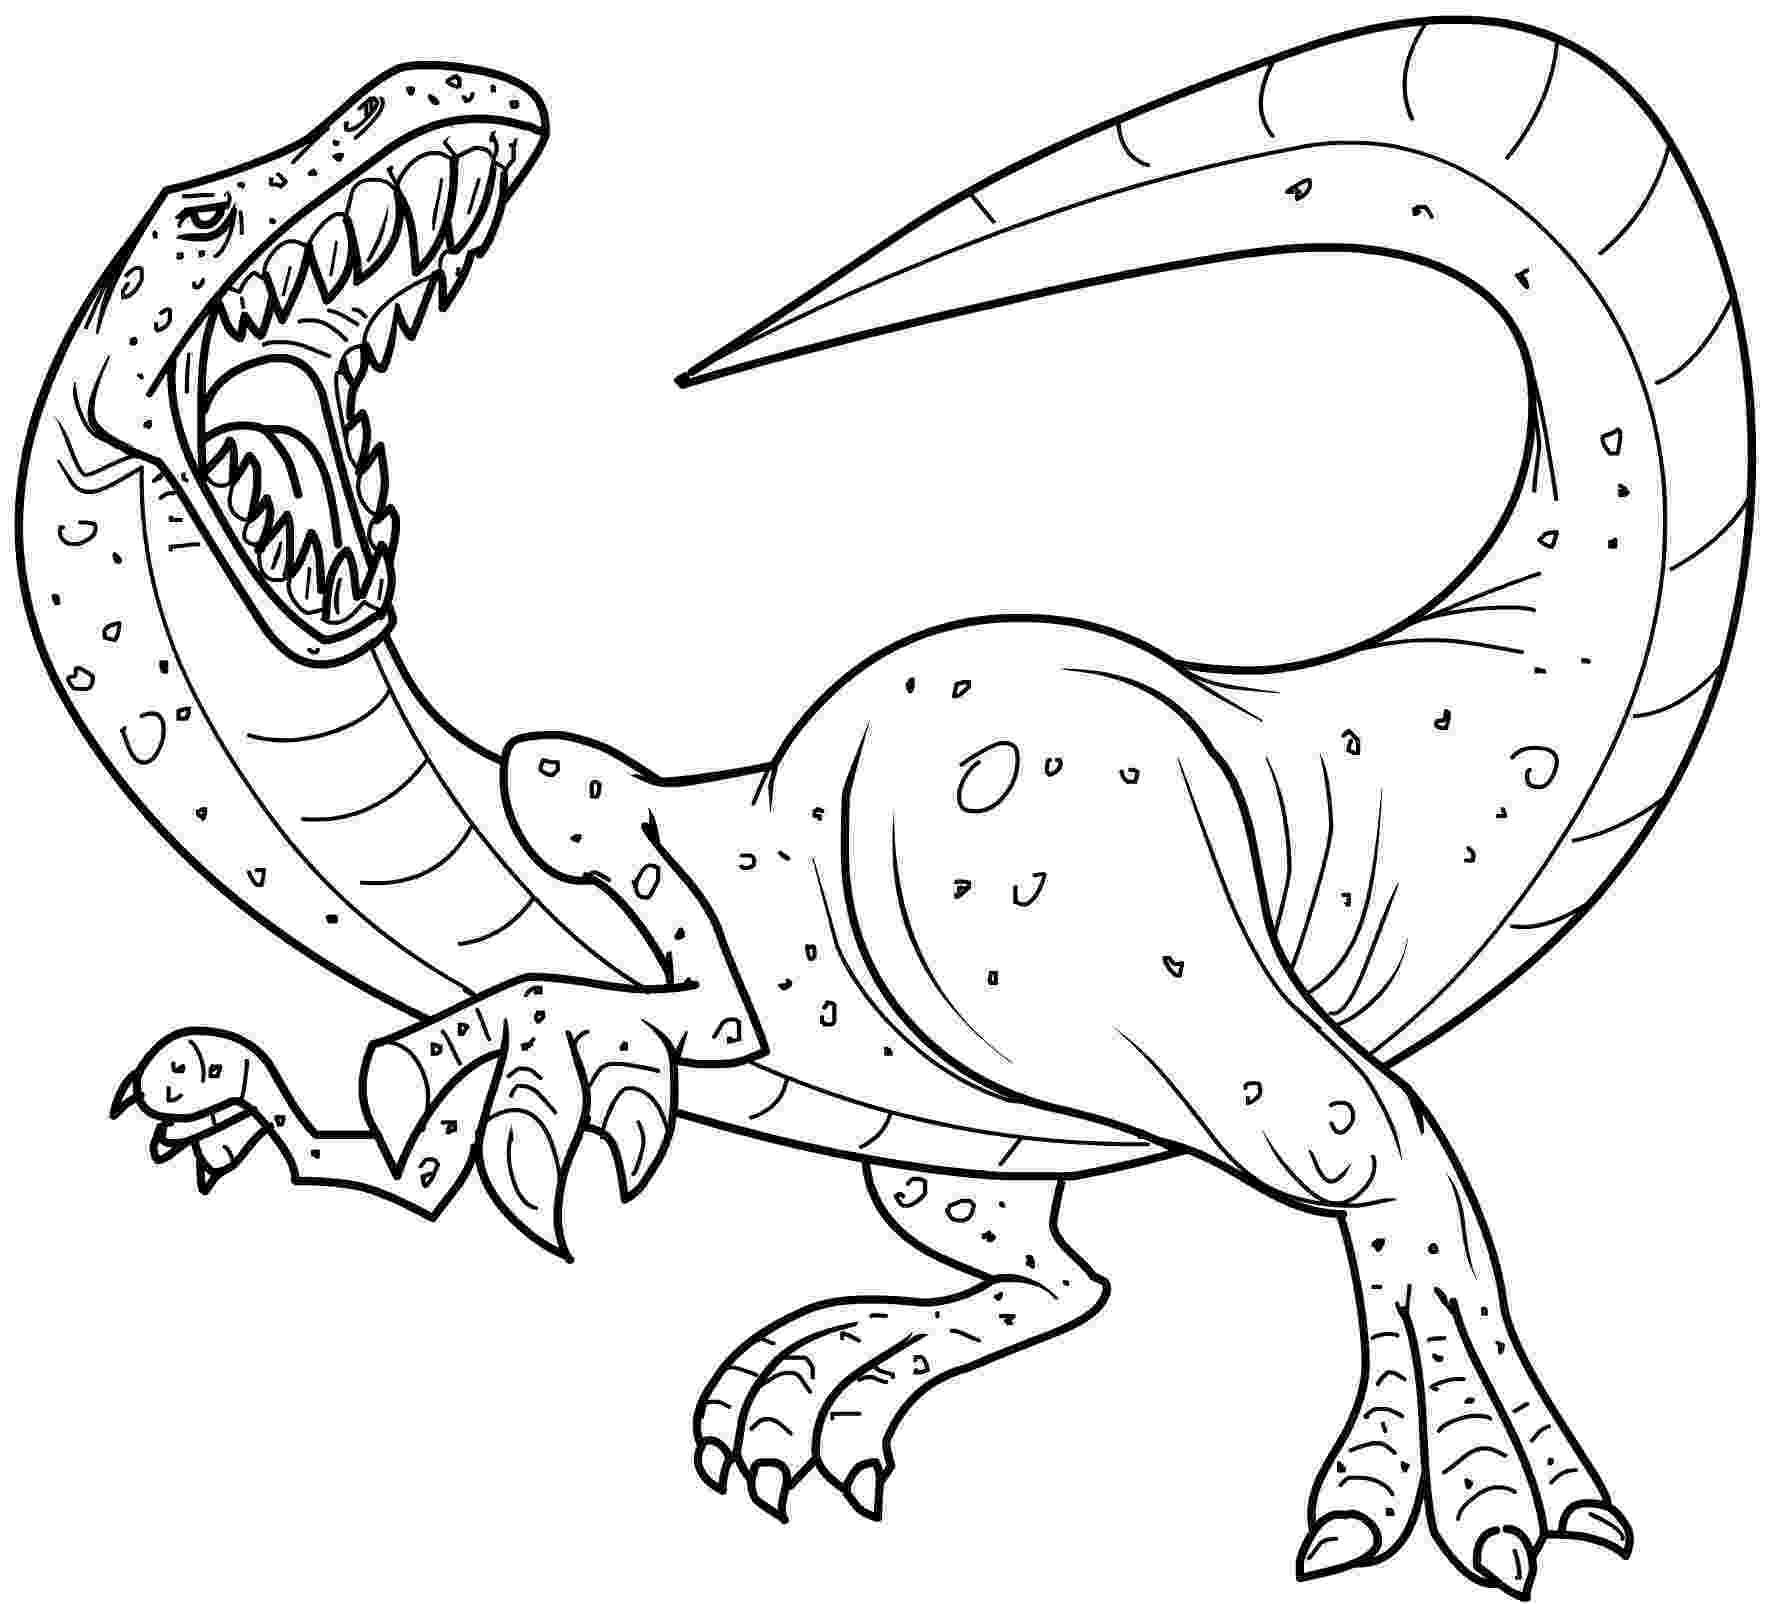 dinosaur sheets dinosaur coloring pages free printable pictures coloring dinosaur sheets